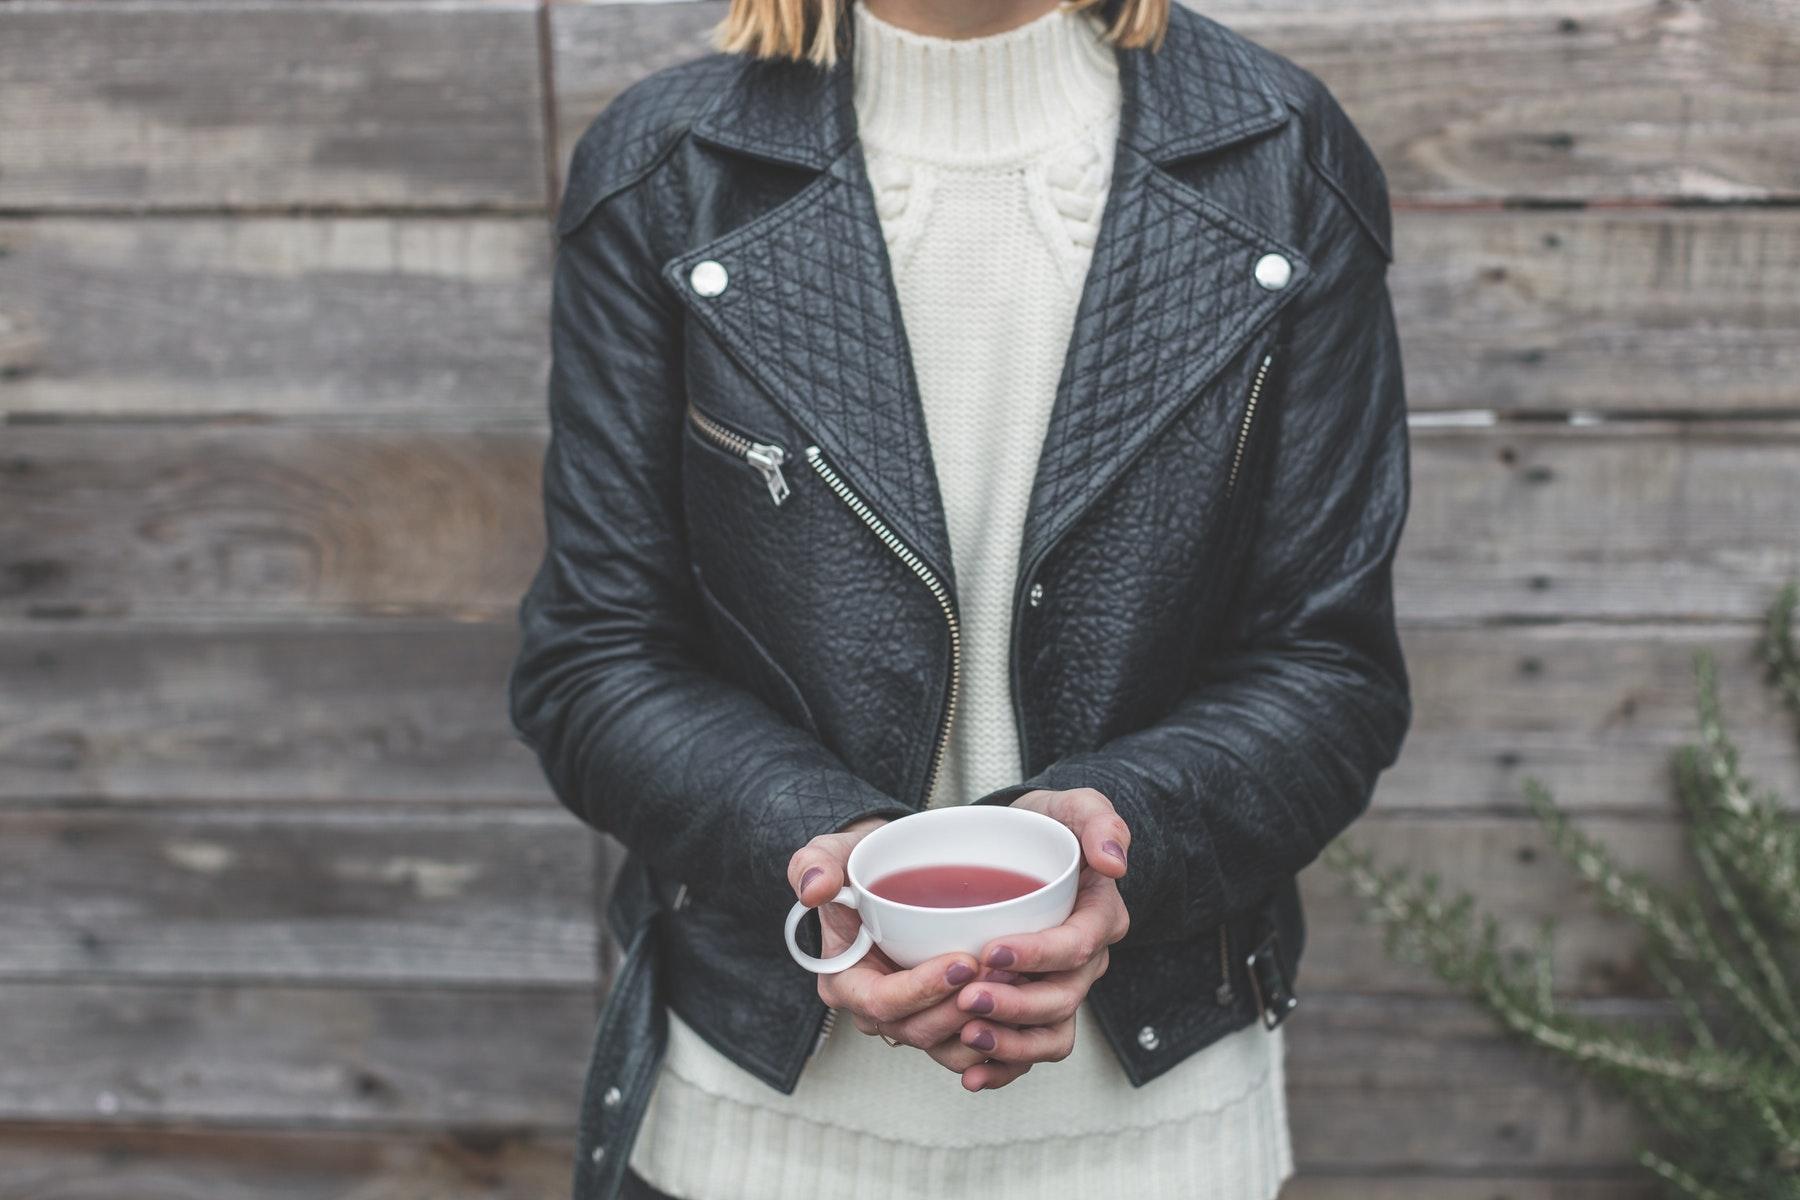 læderjakke, efterår, kvinde, kop, tekop, turtleneck, højhalset sweater, strik, Typen, der lige stiller sig udenfor for at tage et billede af sin detox-te. Bare stop. (Foto: Pexels)